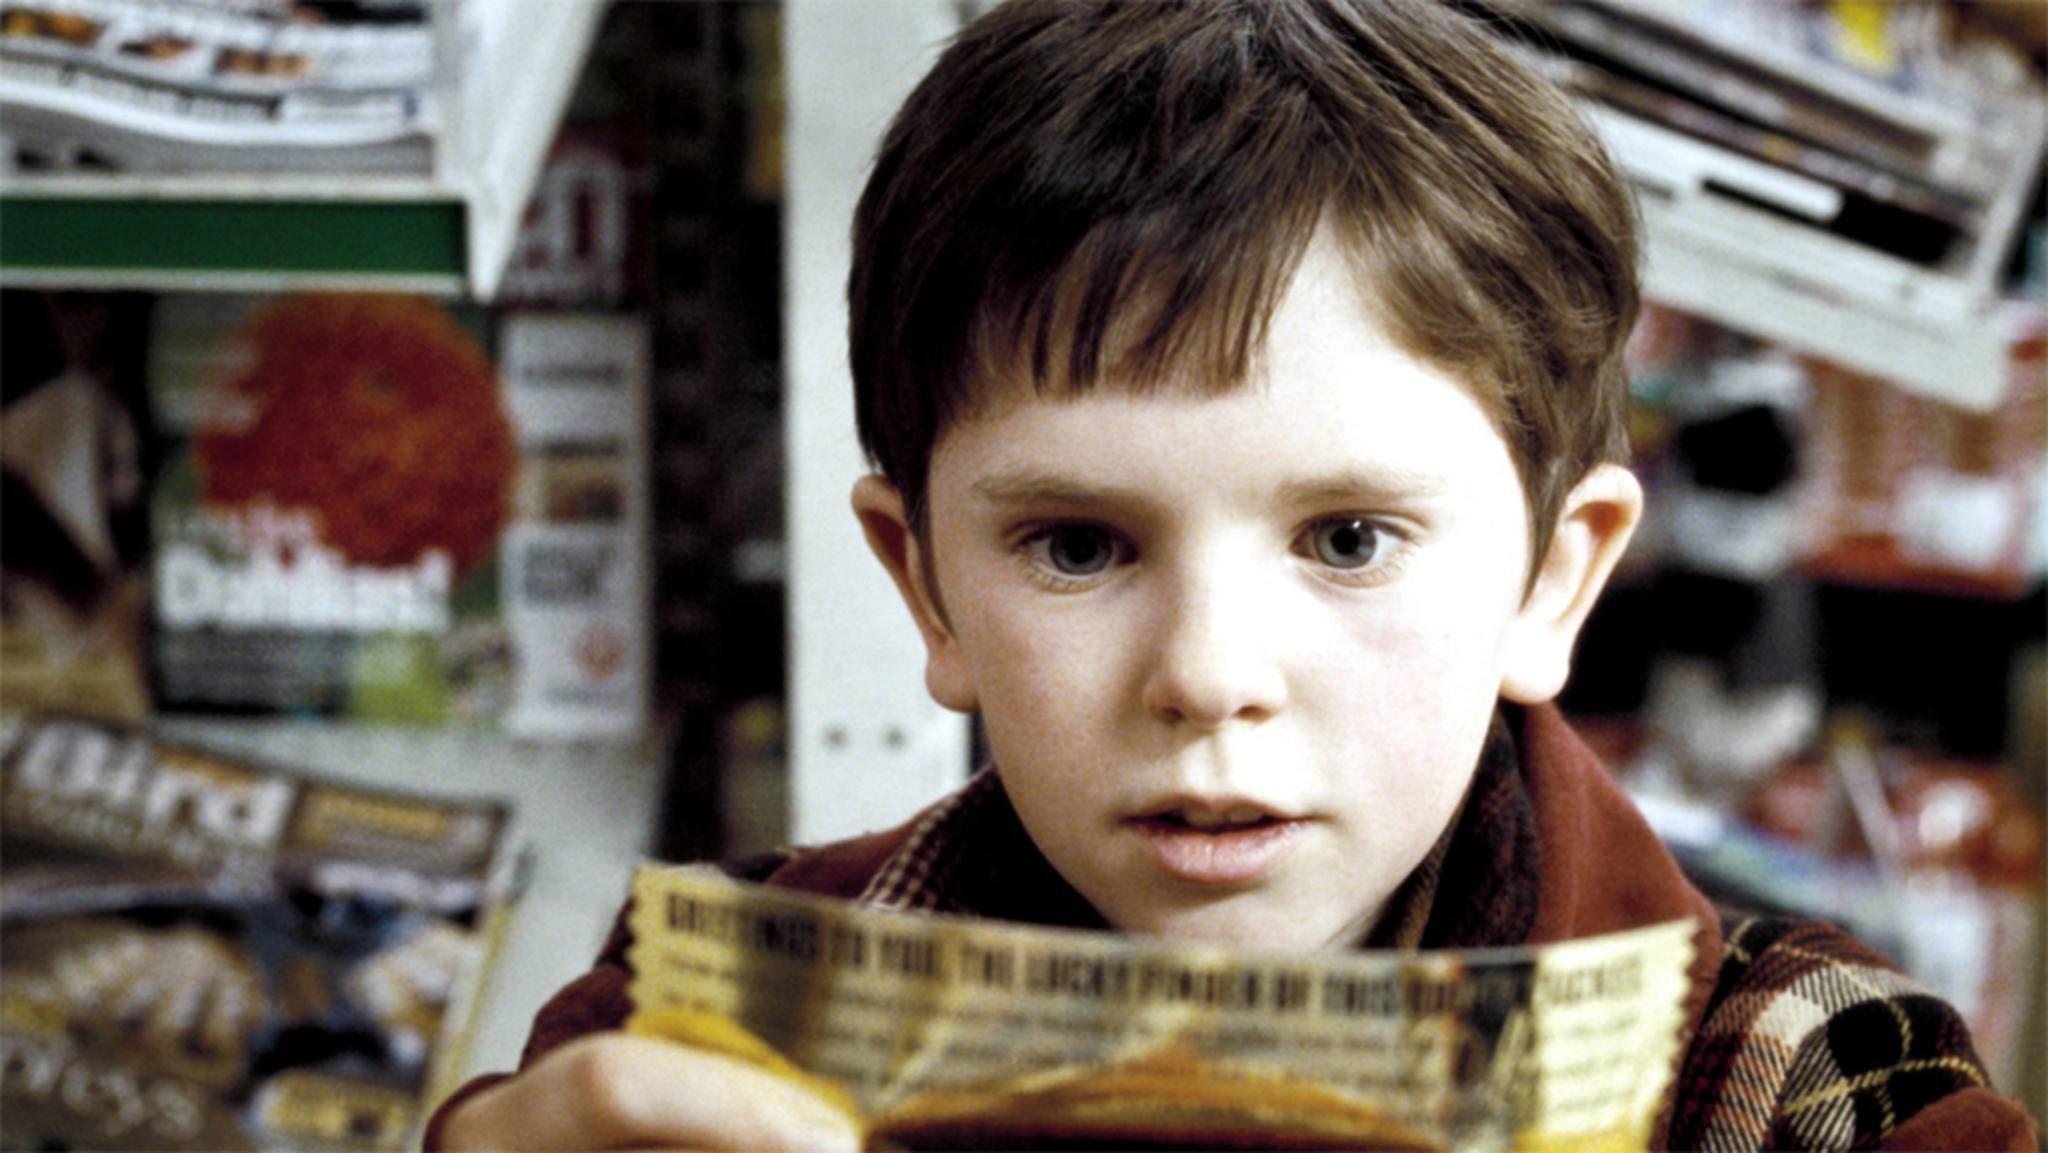 Mit Netflix gibt es zukünftig ein Ticket in die Welt von Roald Dahl.